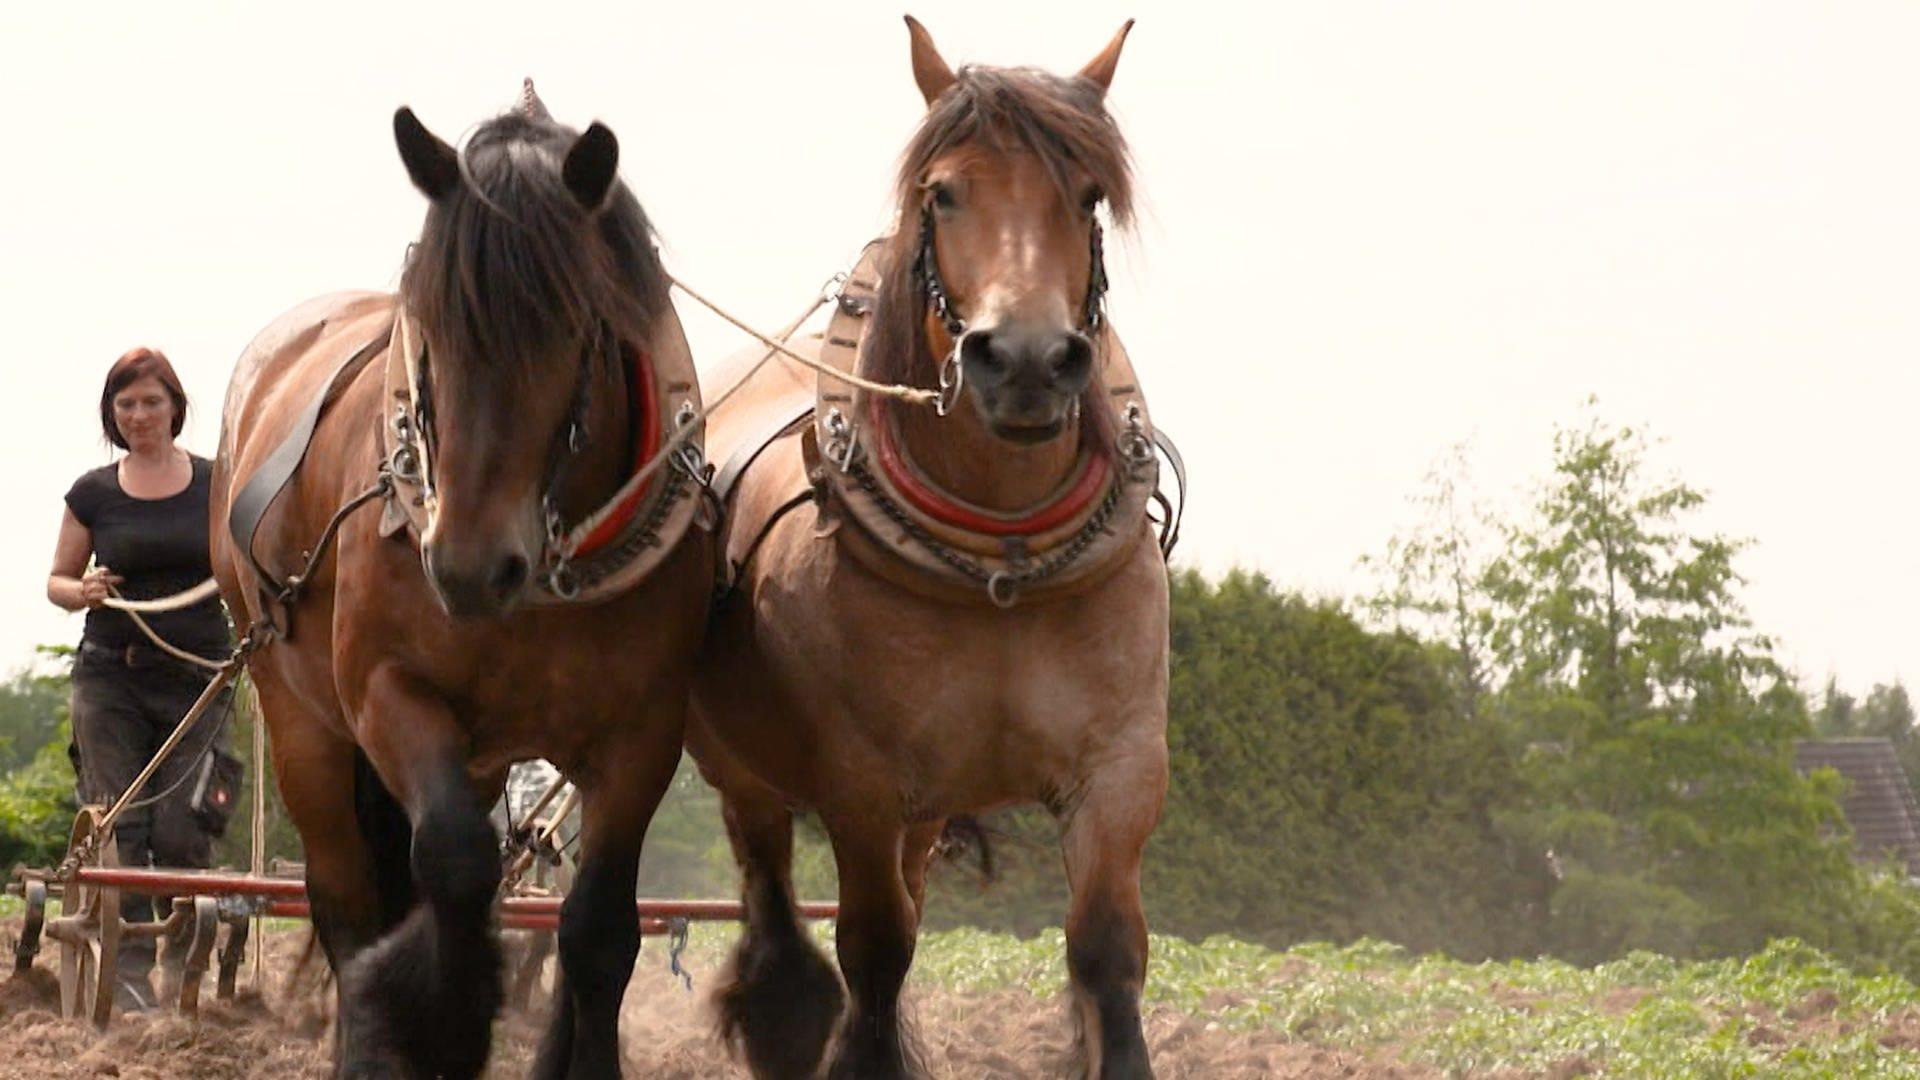 Ackerbau wie früher – mit Pferd und Pflug